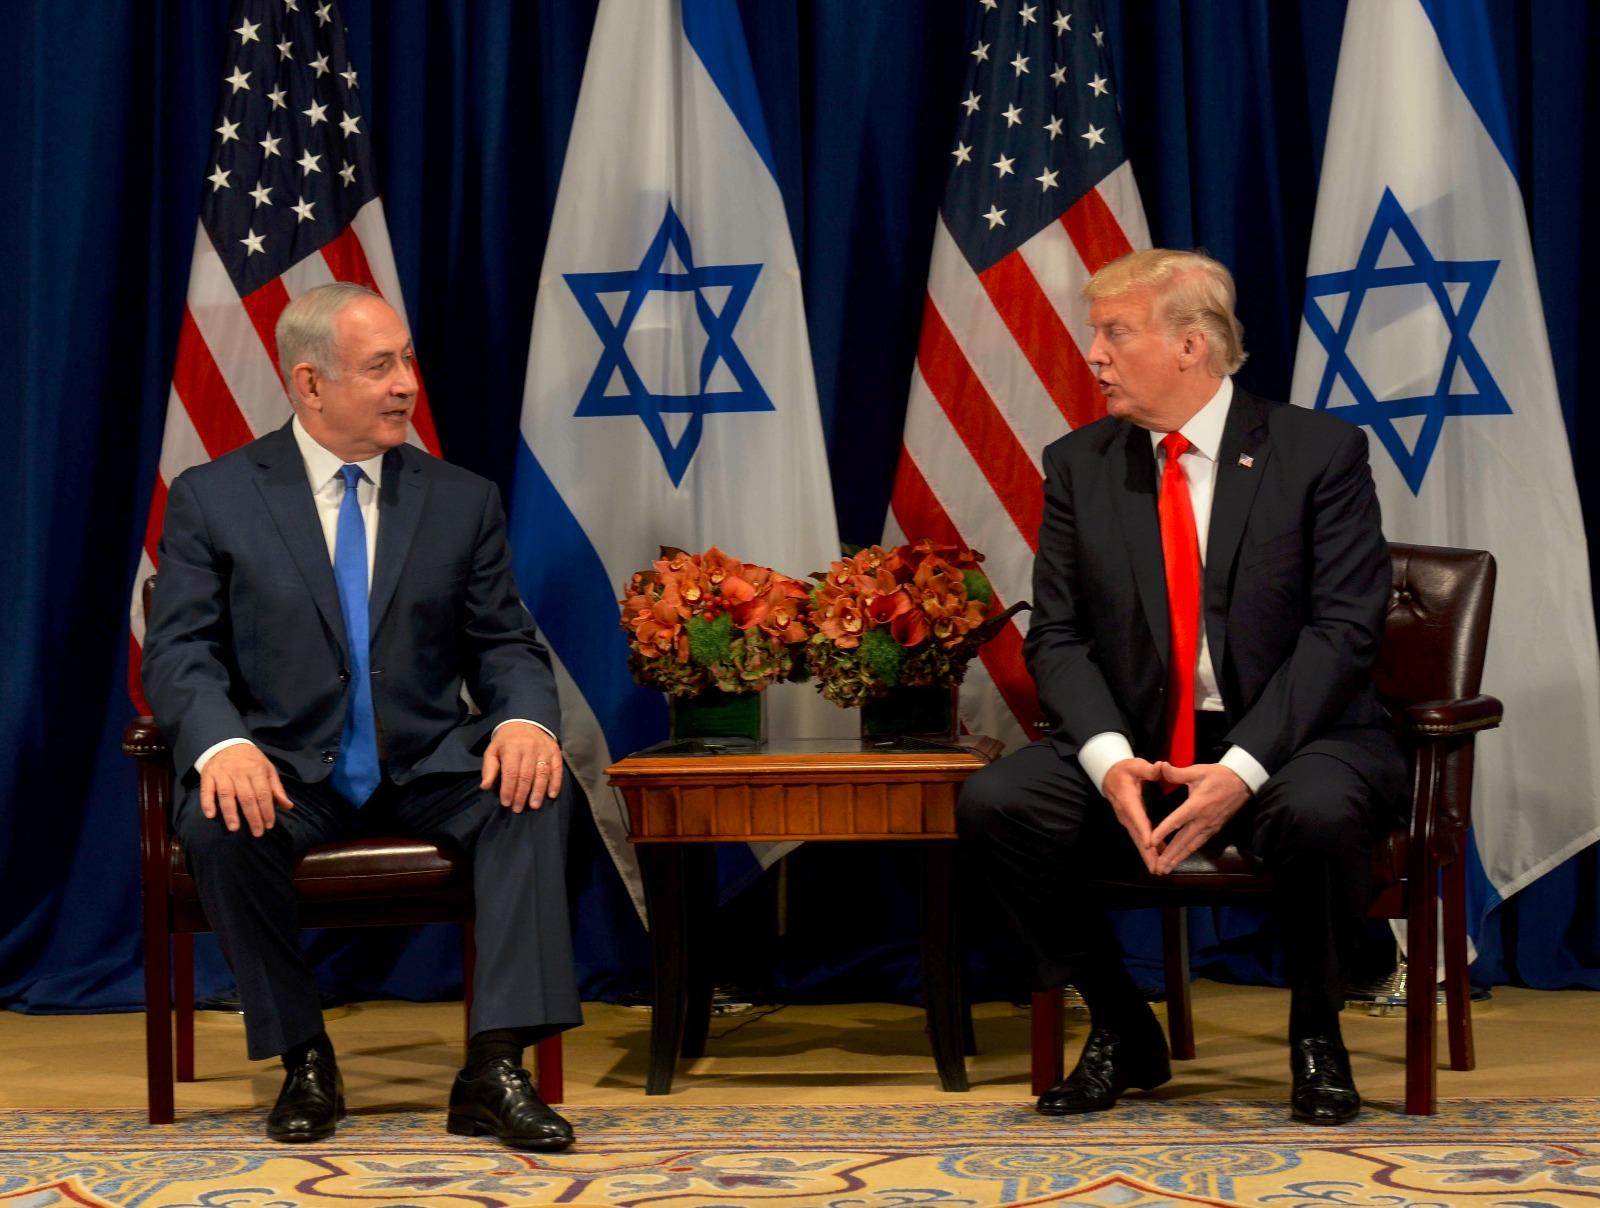 הידידים נפגשו בניו יורק ודנו בסוגיית איראן